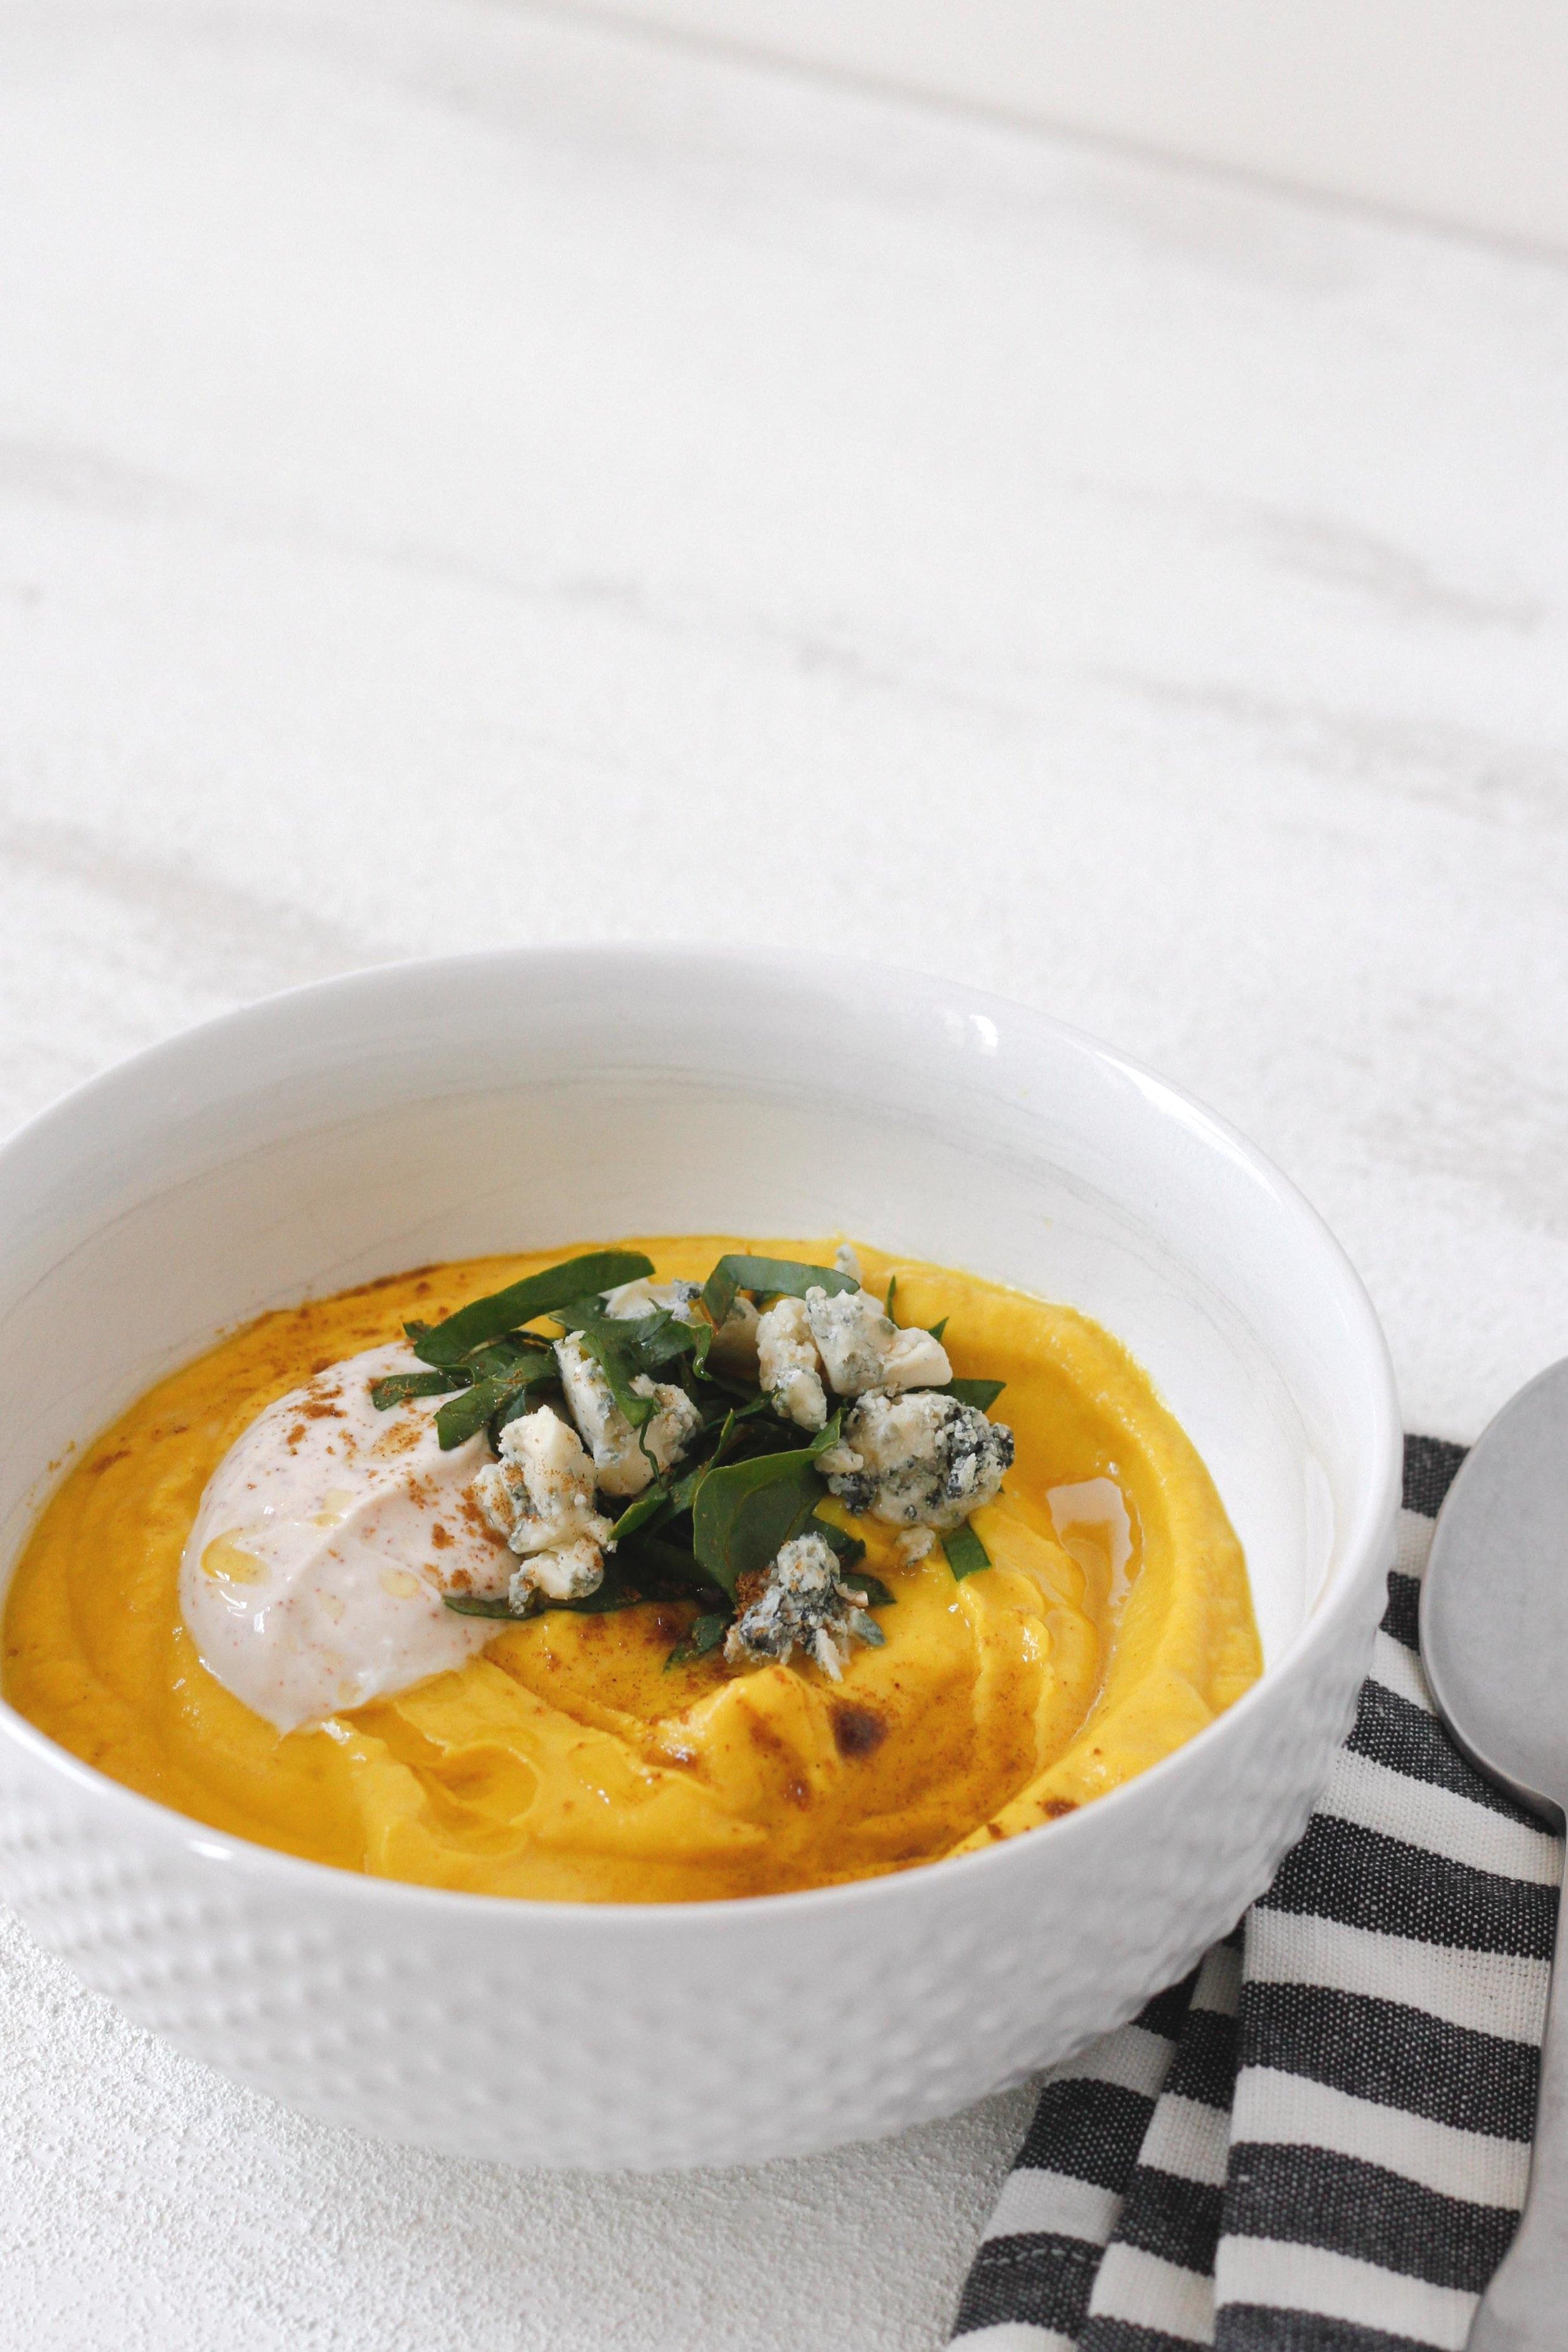 Golden+beet+soup